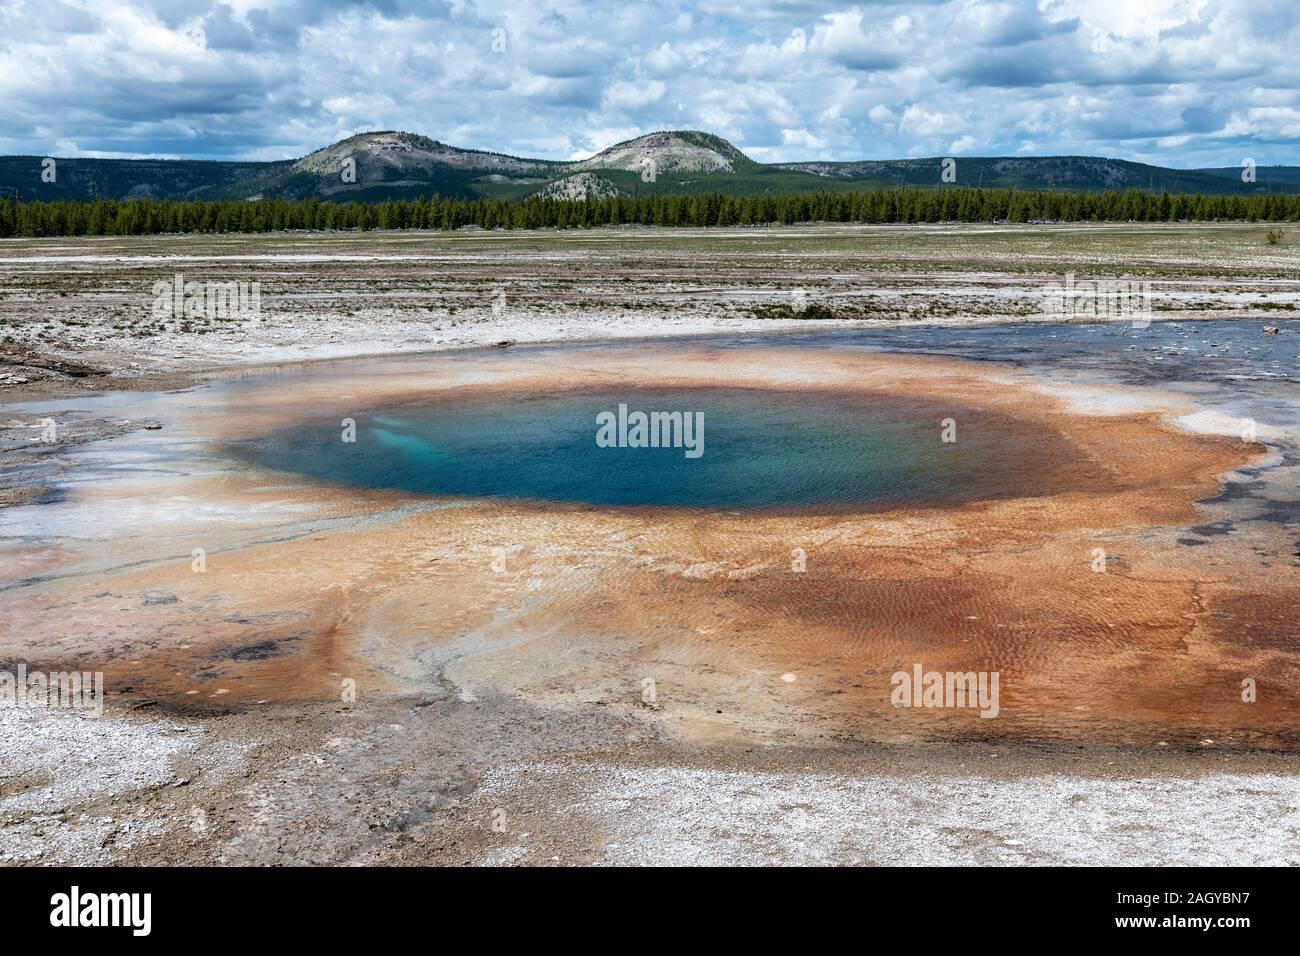 La cuenca del géiser de Midway Opal descubierta en el Parque Nacional Yellowstone, Wyoming, EE.UU. Foto de stock